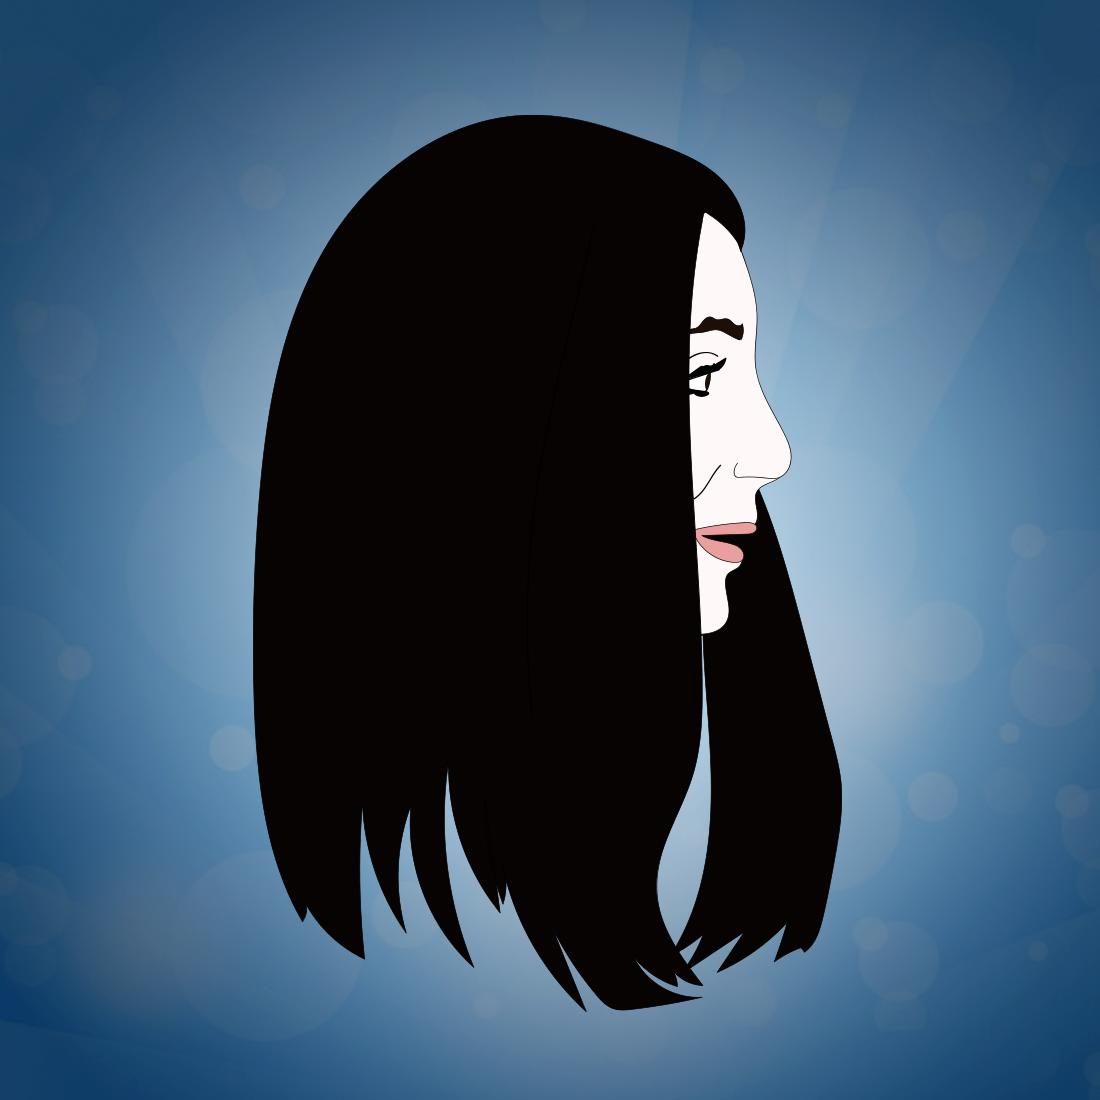 Cher illustration